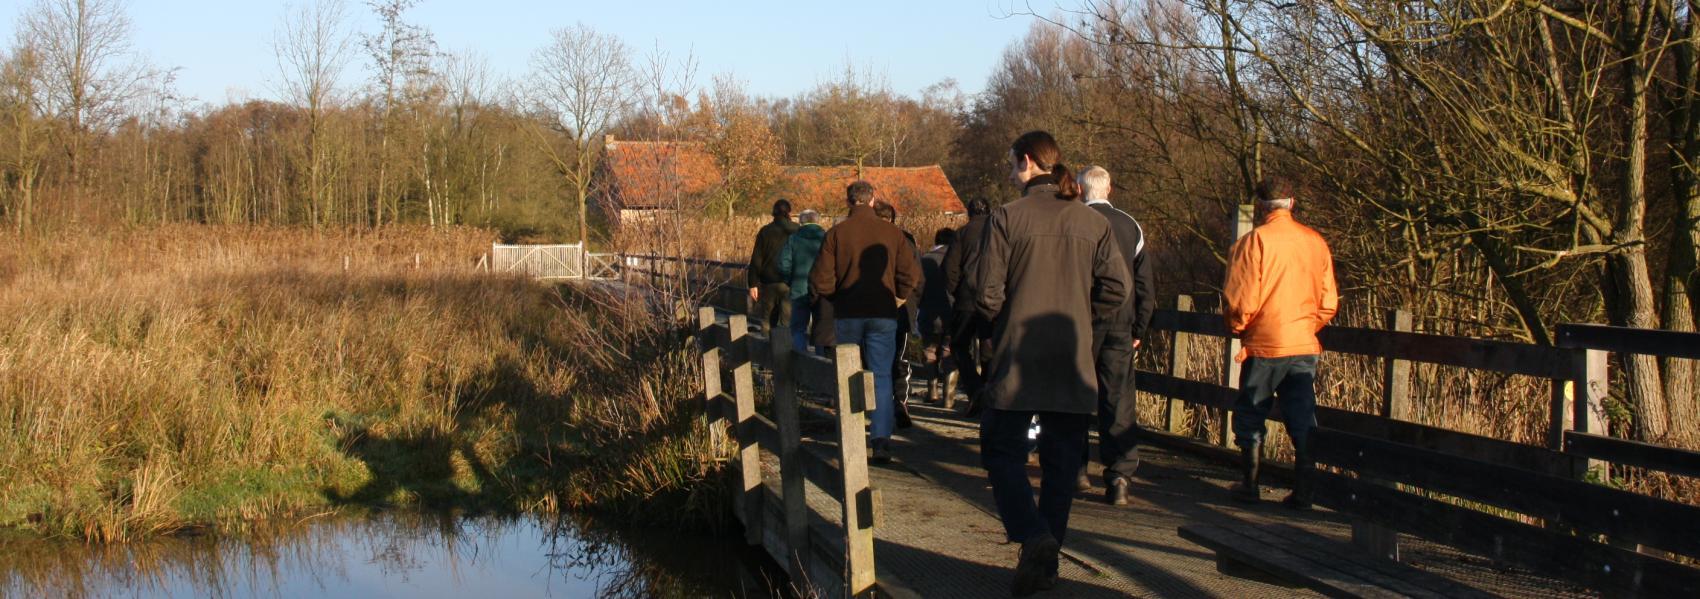 wandelaars op een brugje over het water